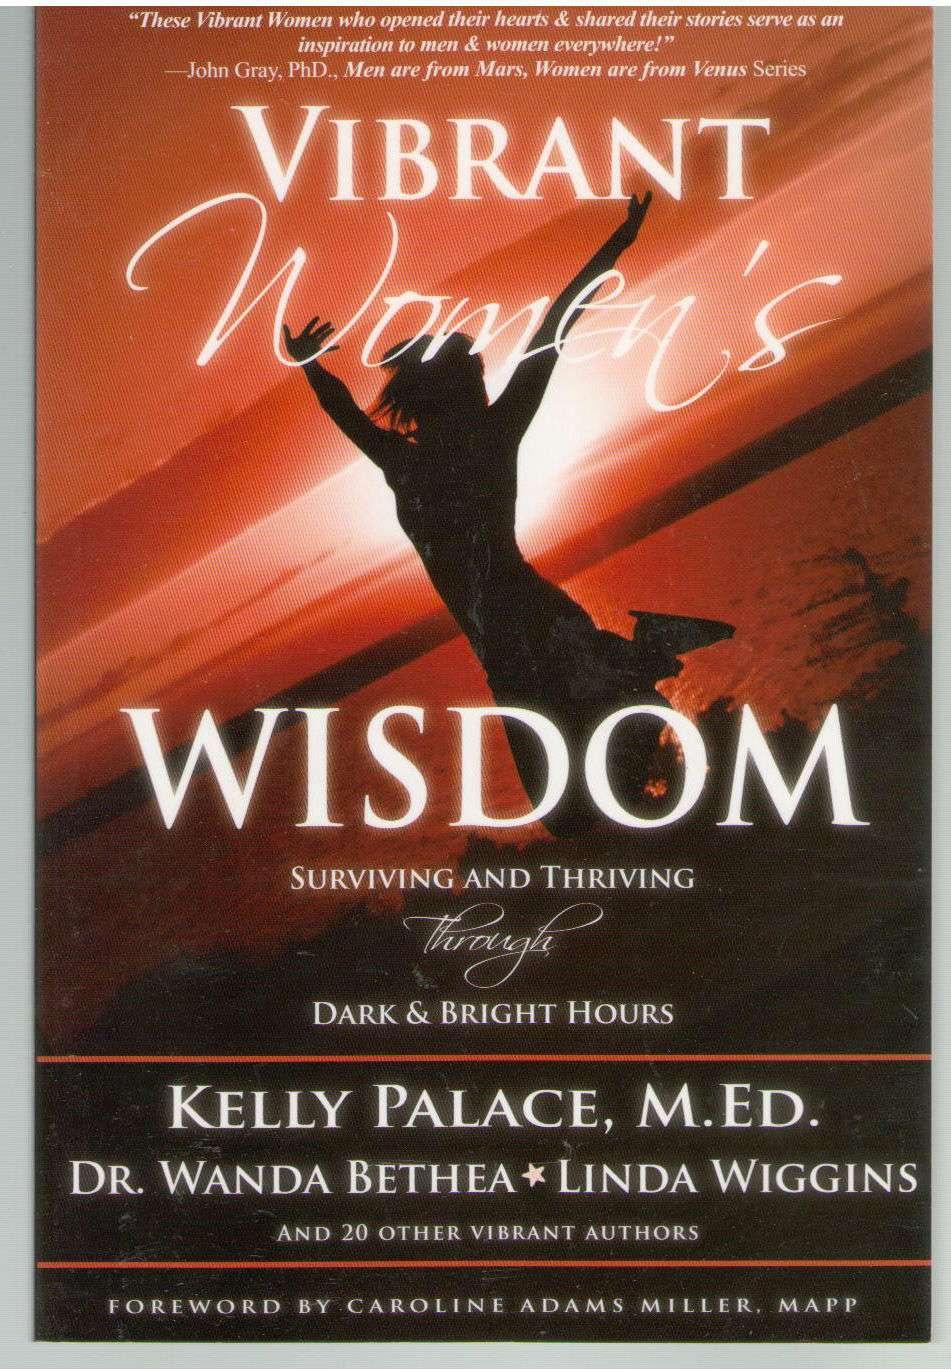 Vibrant Women's Wisdom, Kelly Palace